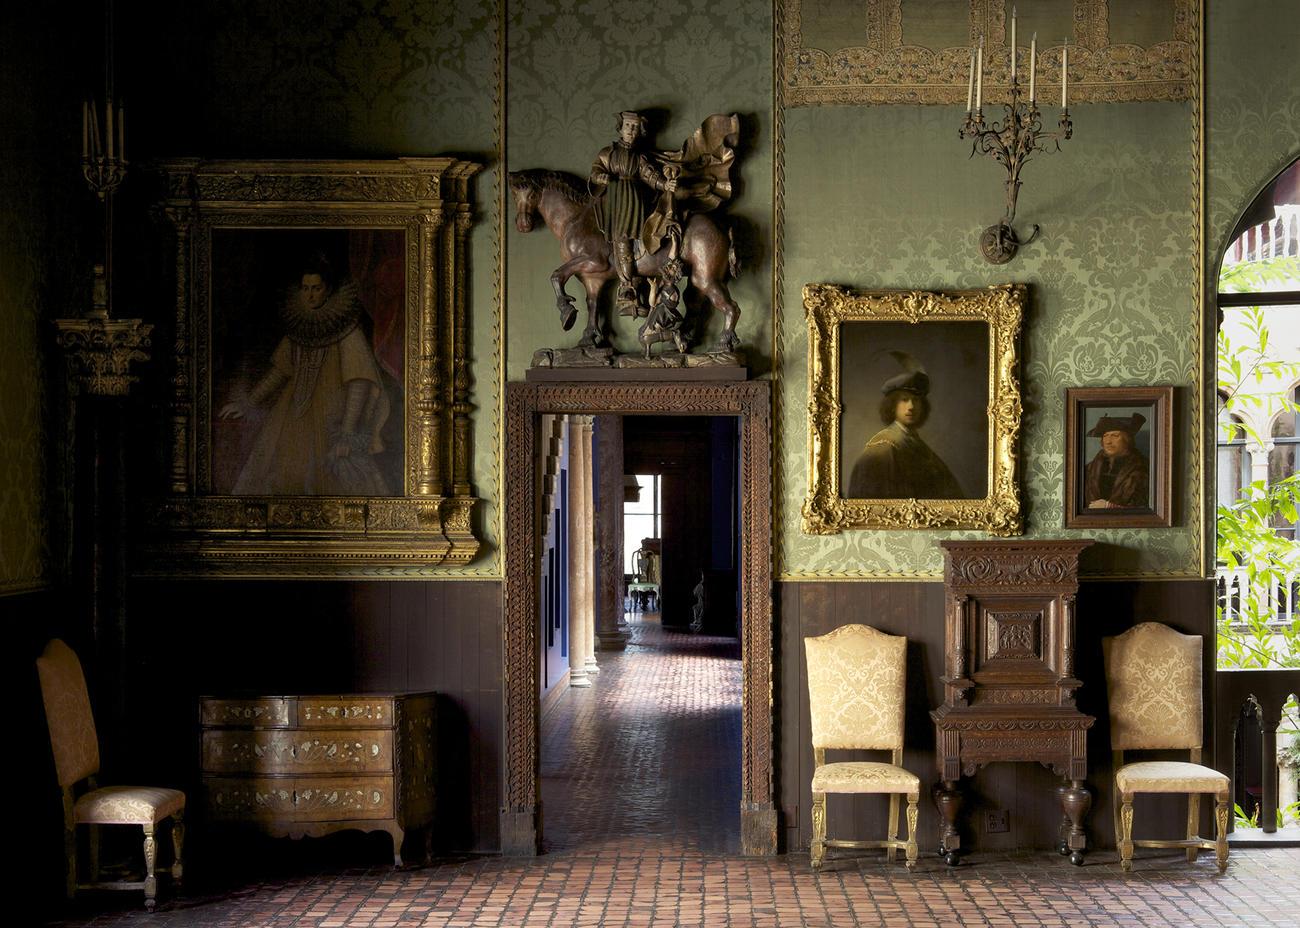 Dutch Room in Isabella Stewart Gardner Museum, Boston, MA, USA.